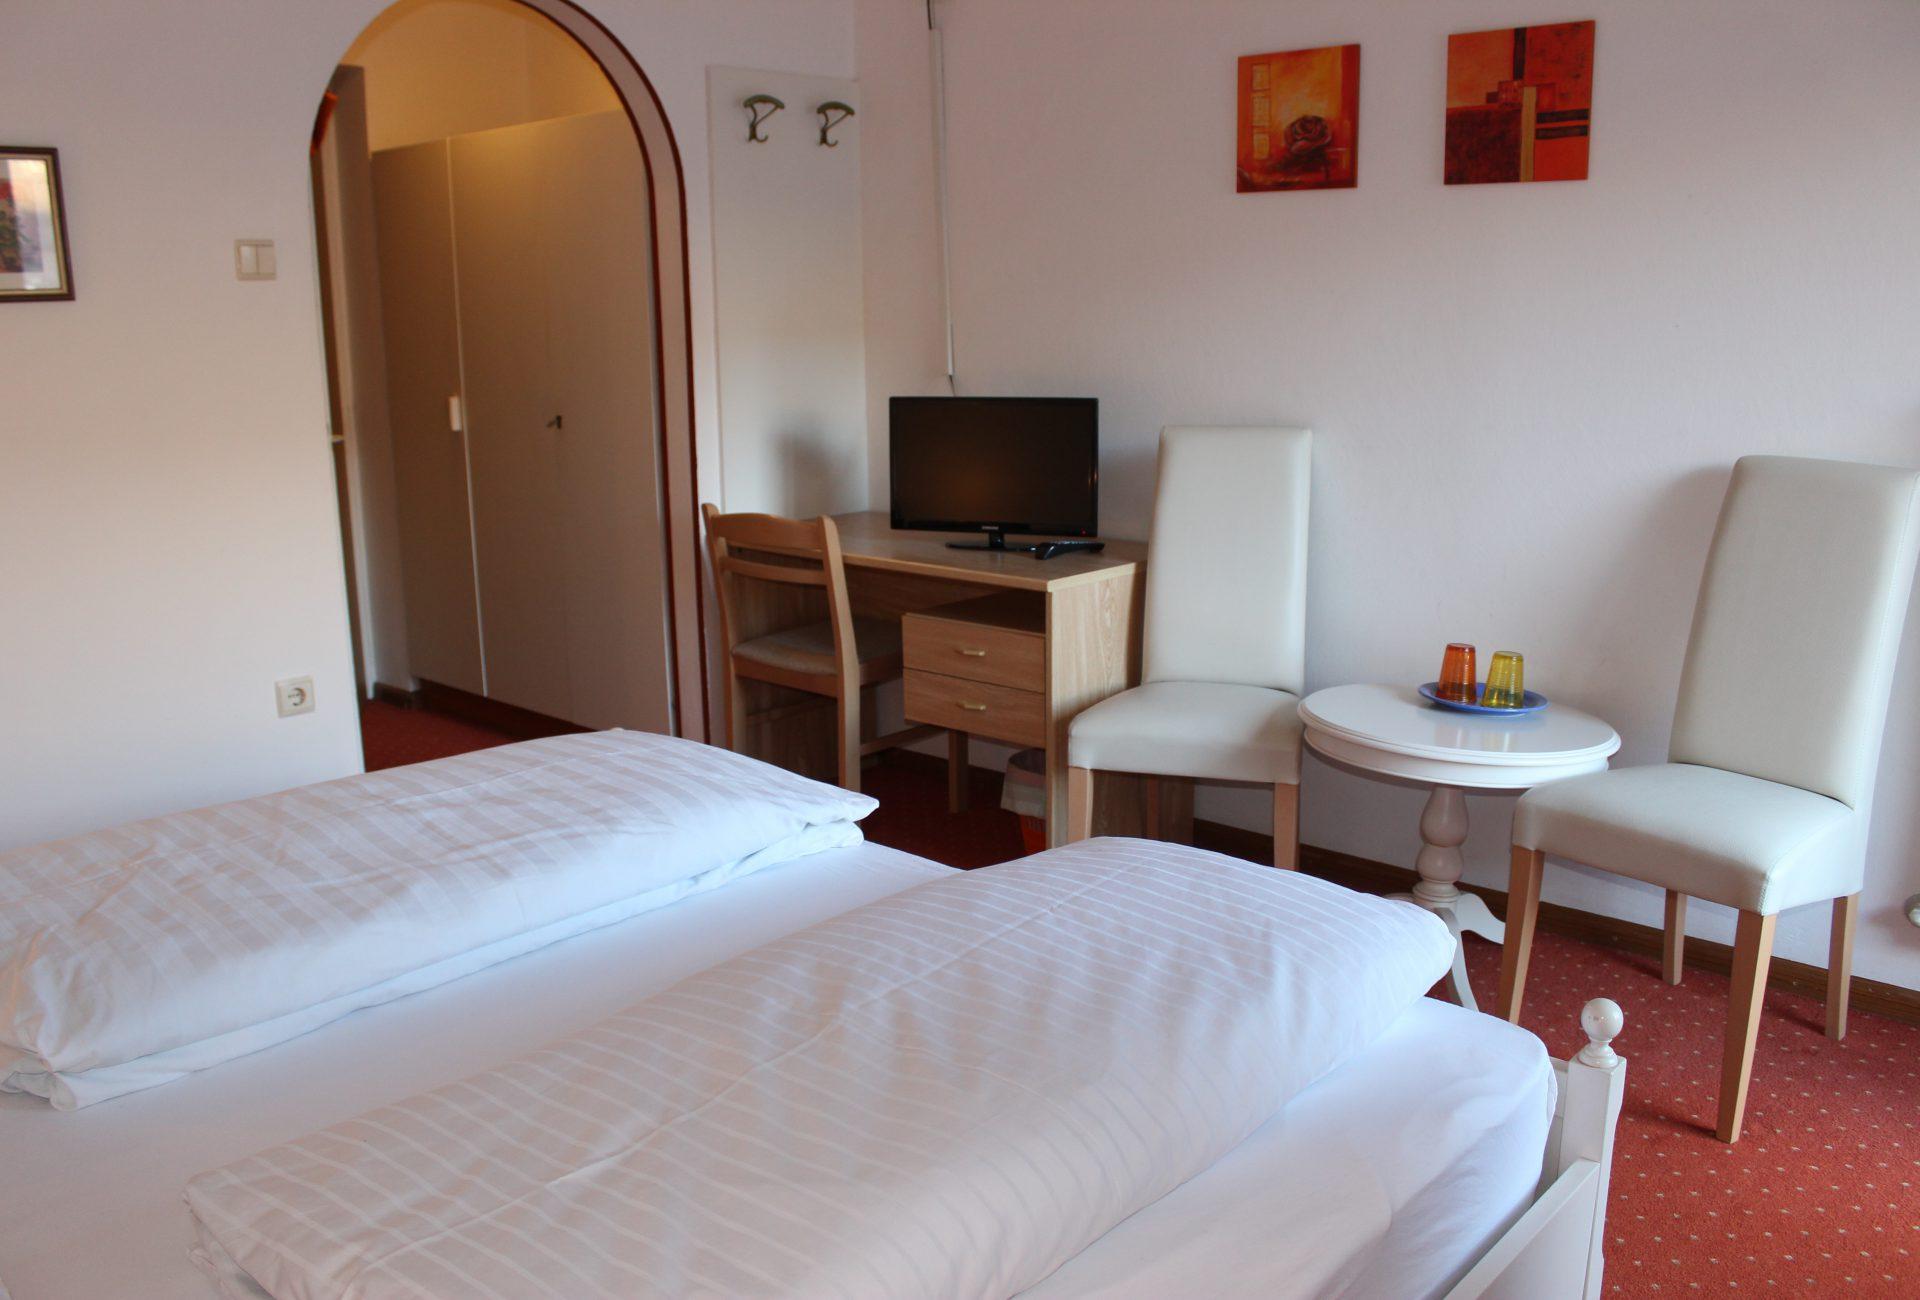 Zimmer hotel app lahngut for Zimmer hotel